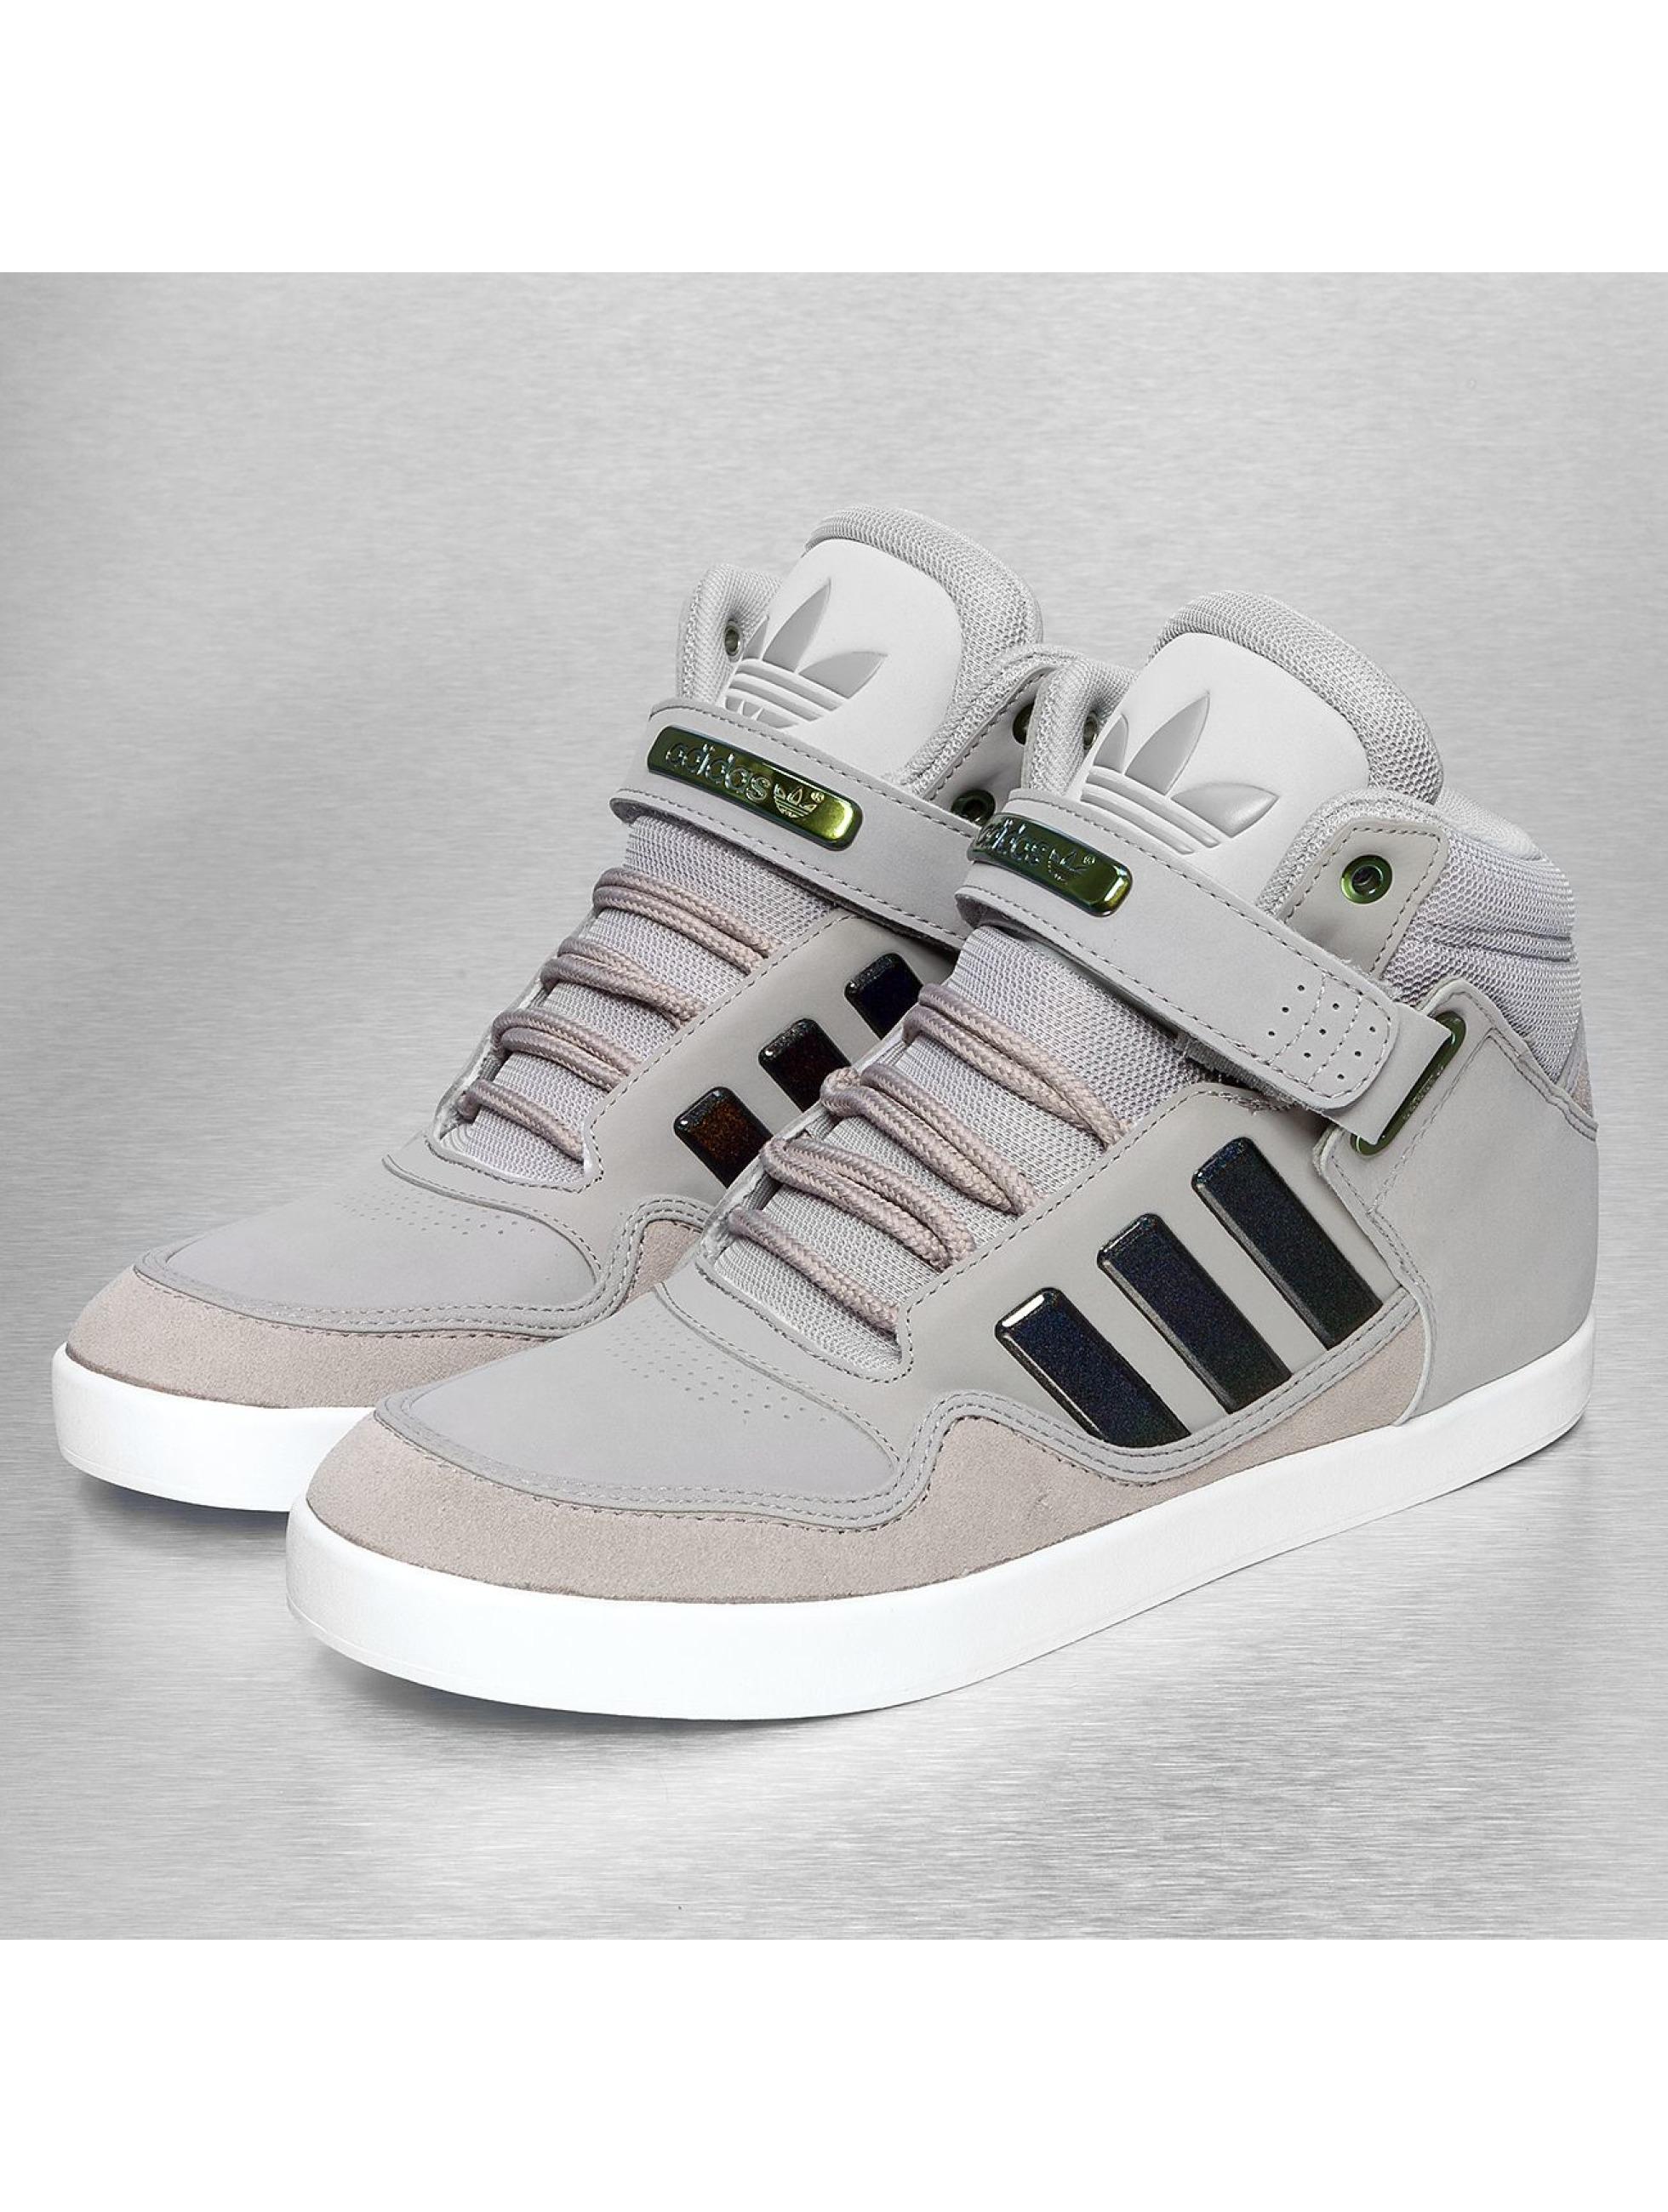 Adidas Ar   Basketball Shoes Aluminium Running White Supplier Colour